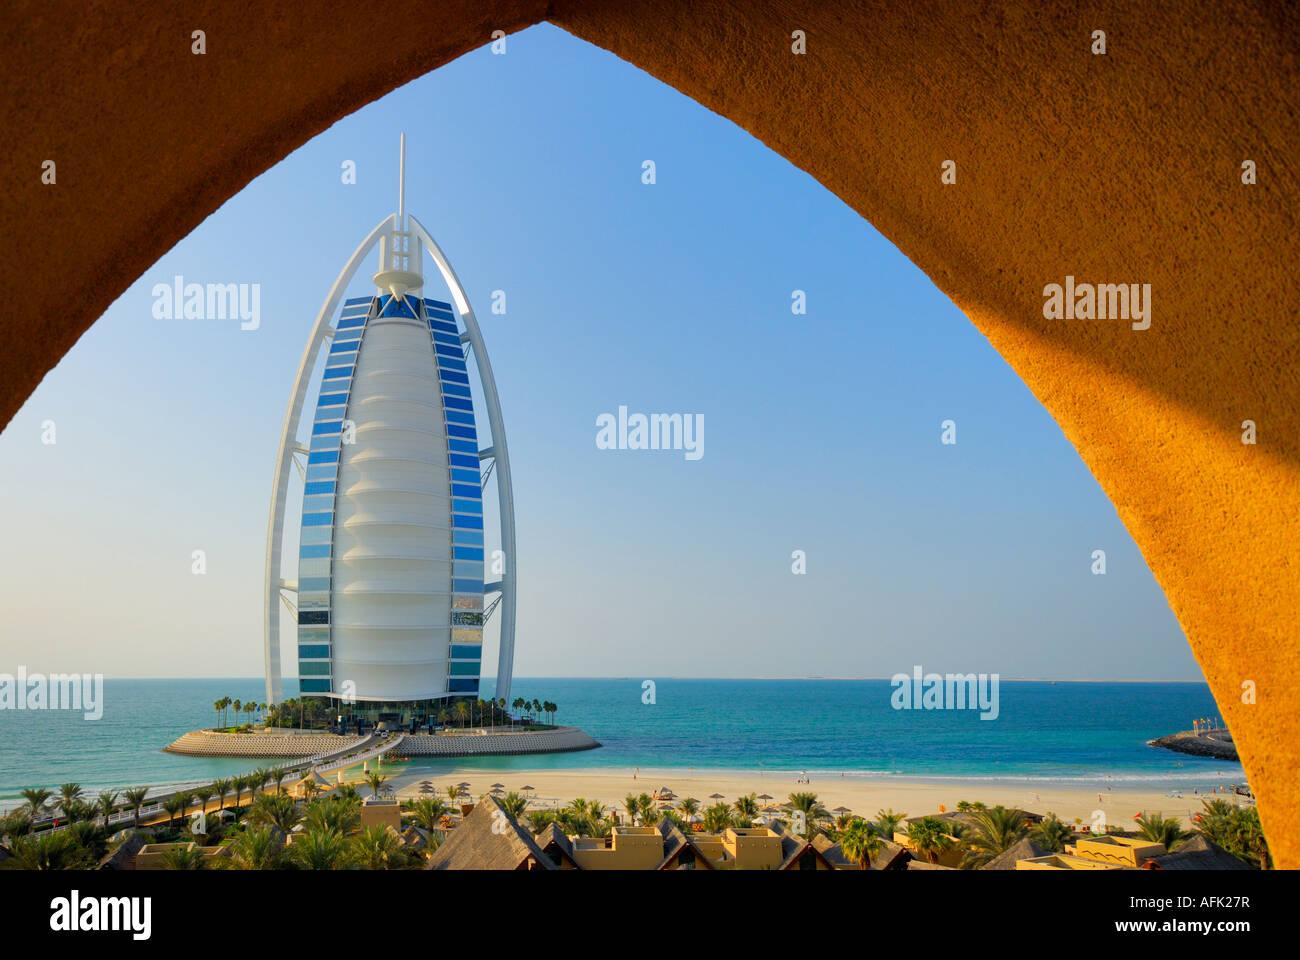 Wadi Water Park y el hotel Burj Al Arab, Burj al-Arab, Dubai, Emiratos Árabes Unidos. Imagen De Stock